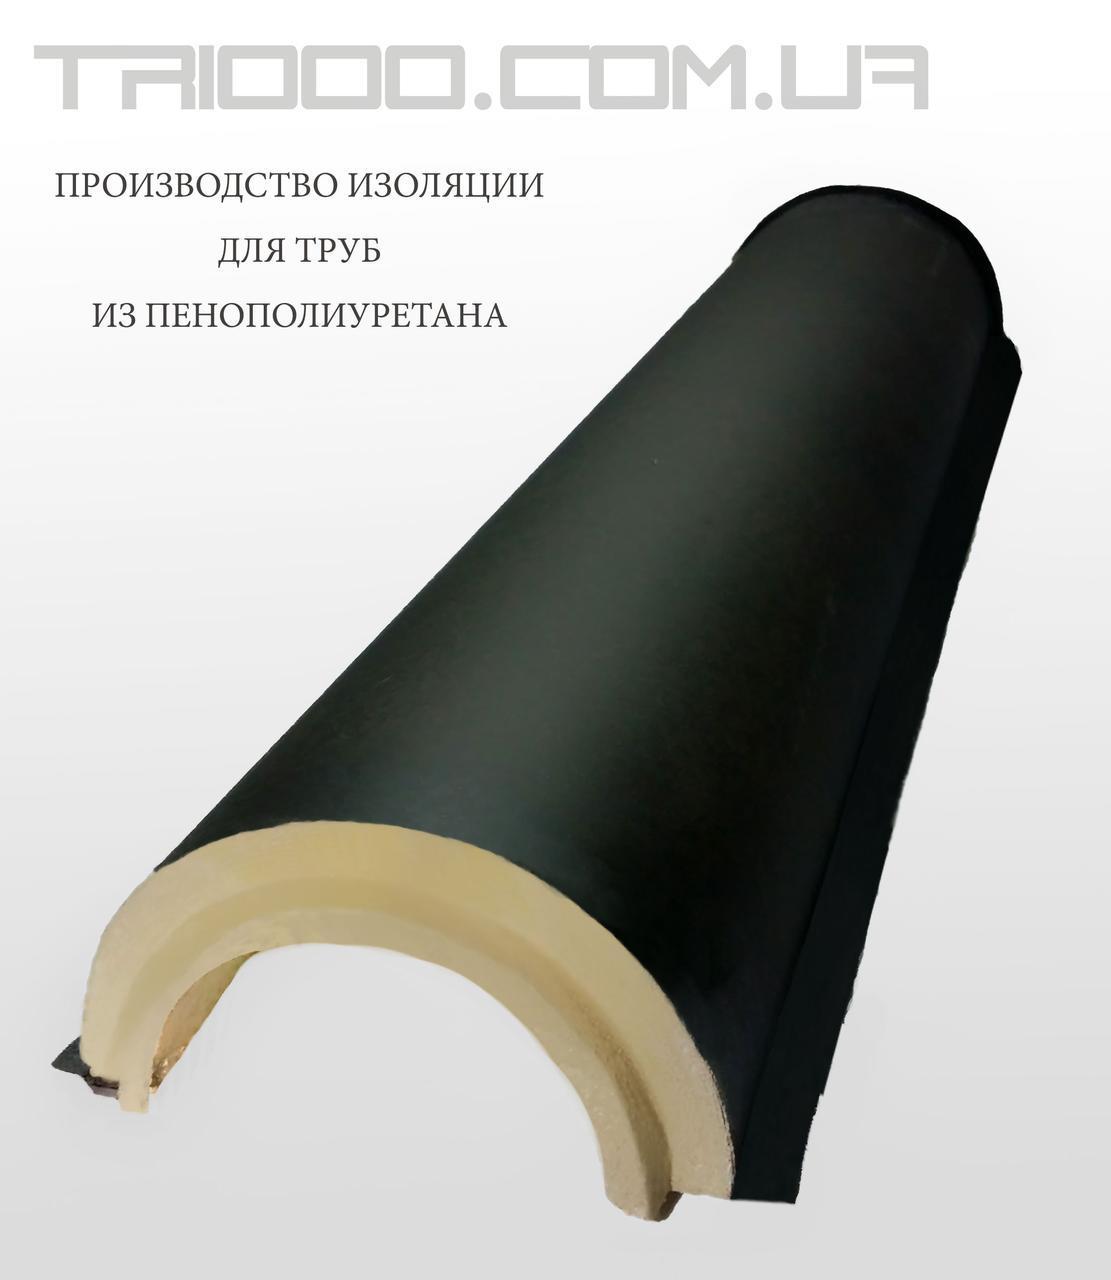 Сегменты теплоизоляционные в покрытии из пергамина  для труб    Ø 530/40 мм